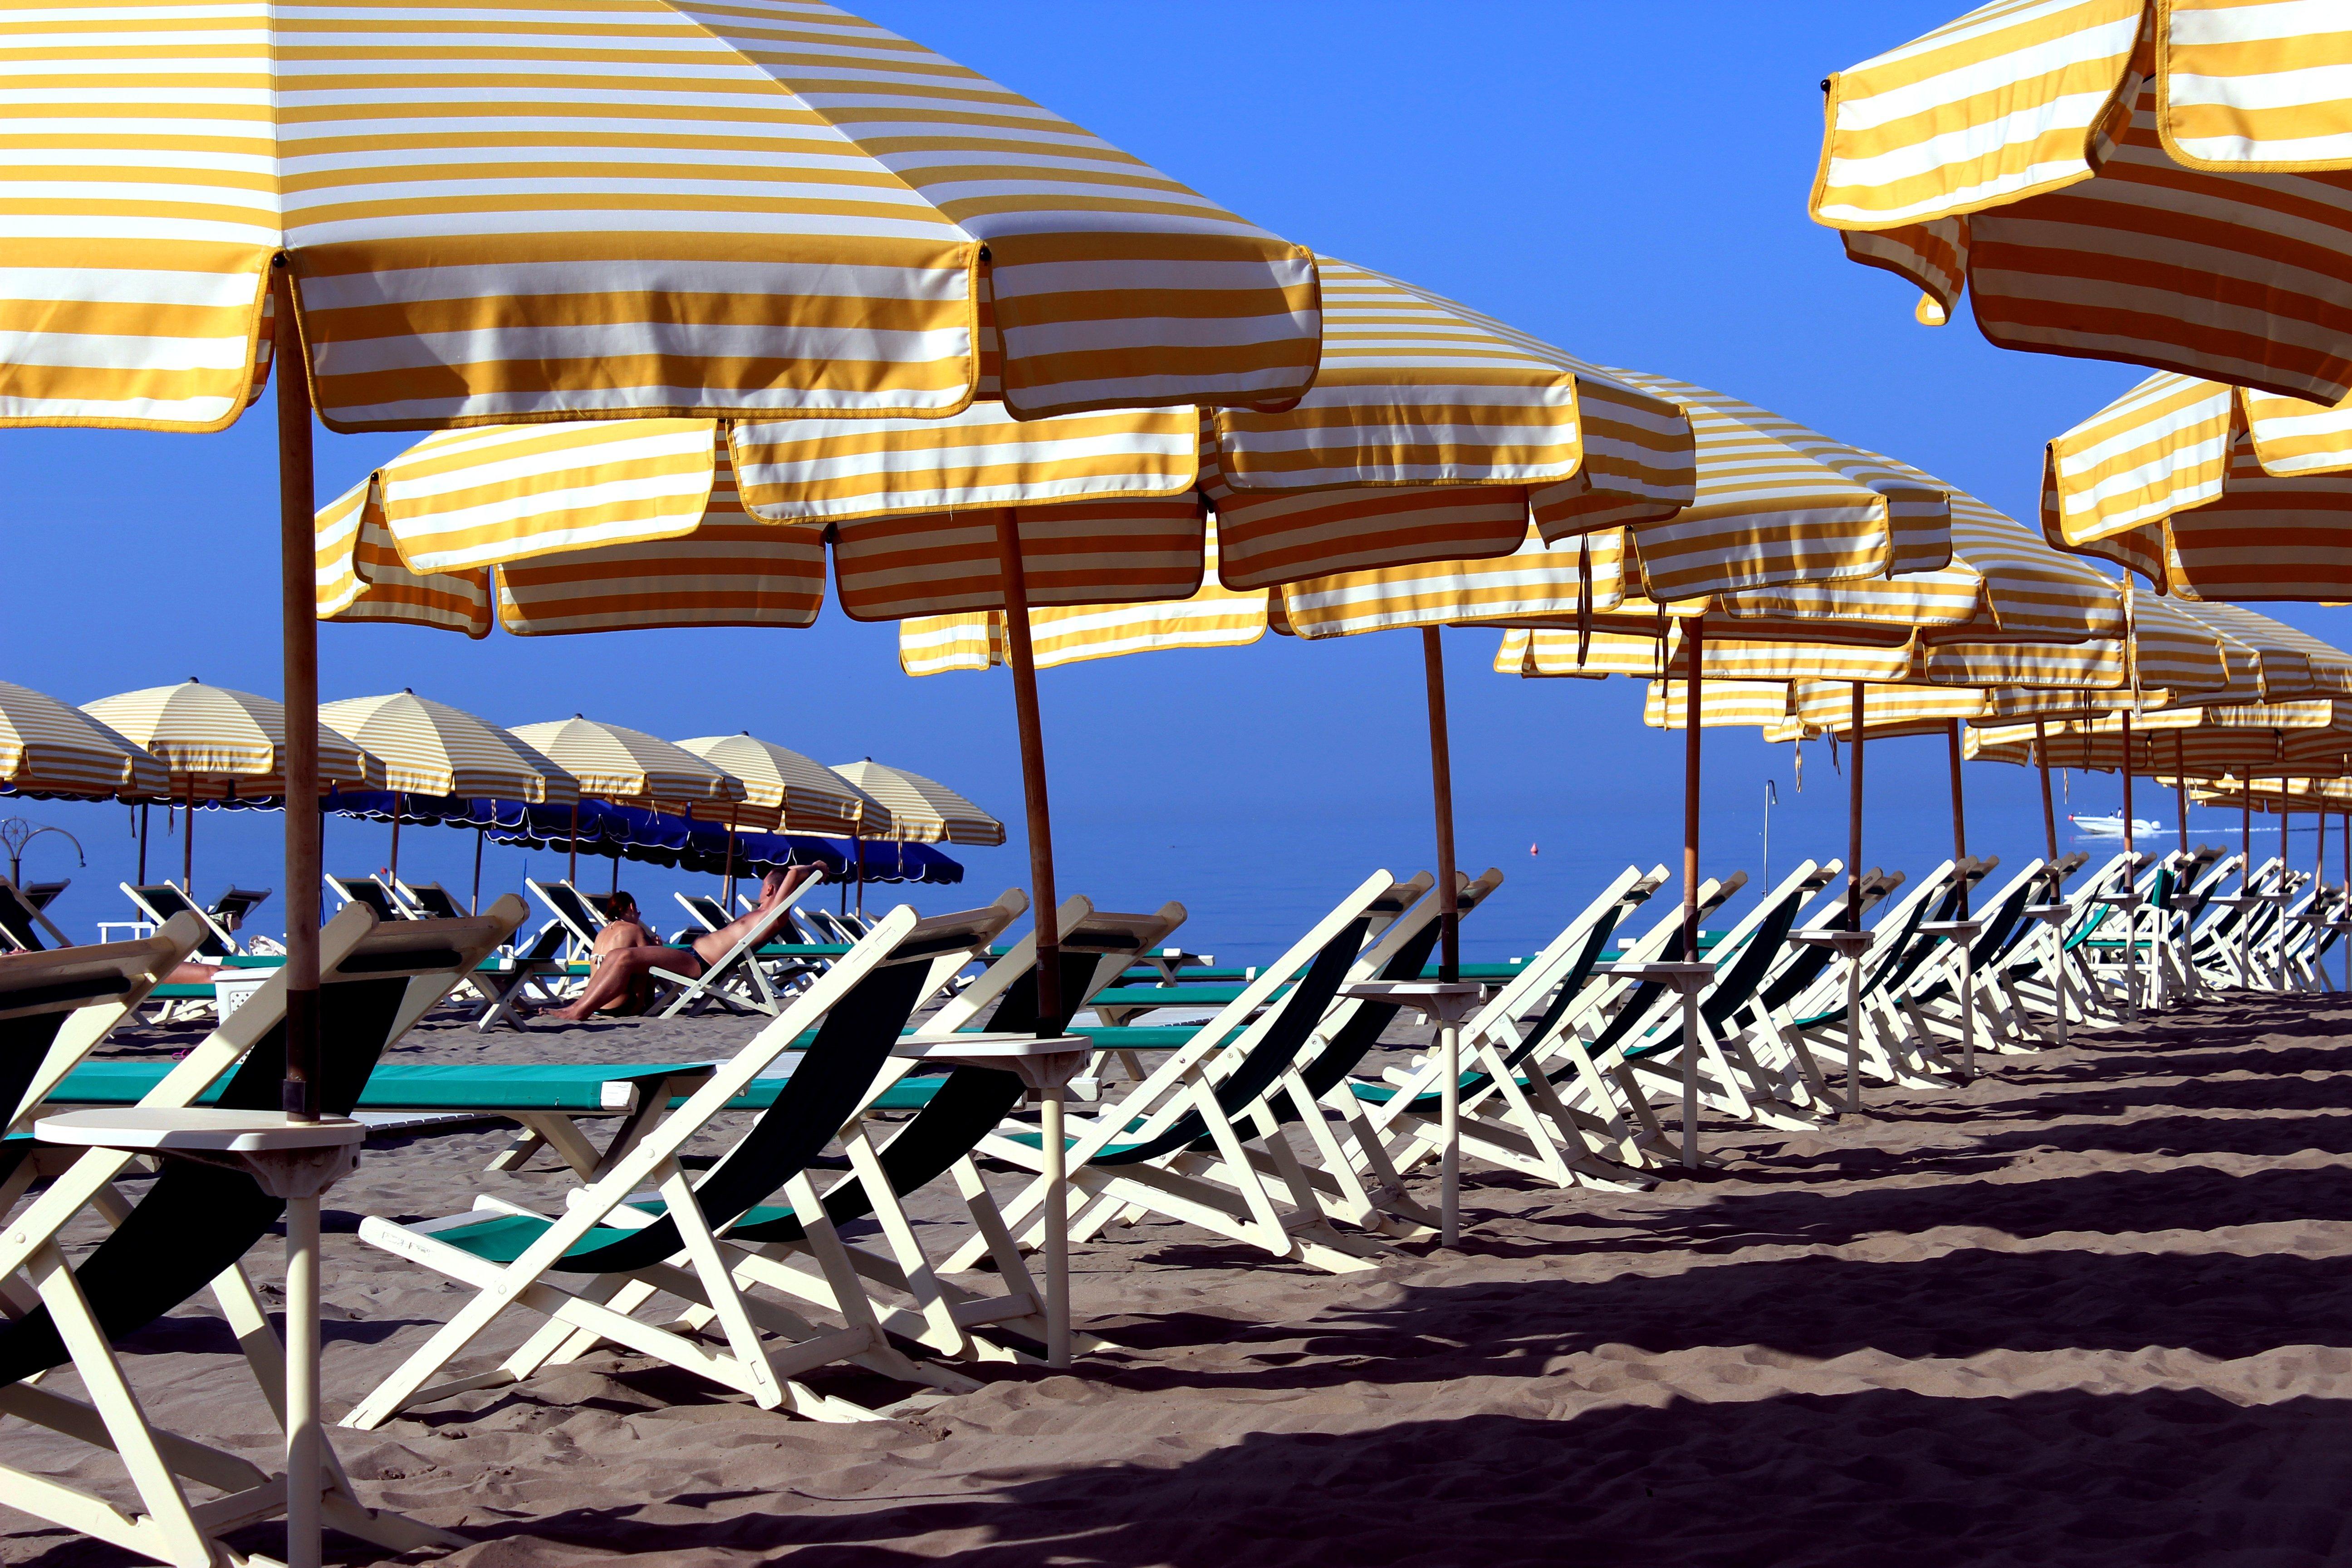 Spiaggia con sdraio e ombrelloni